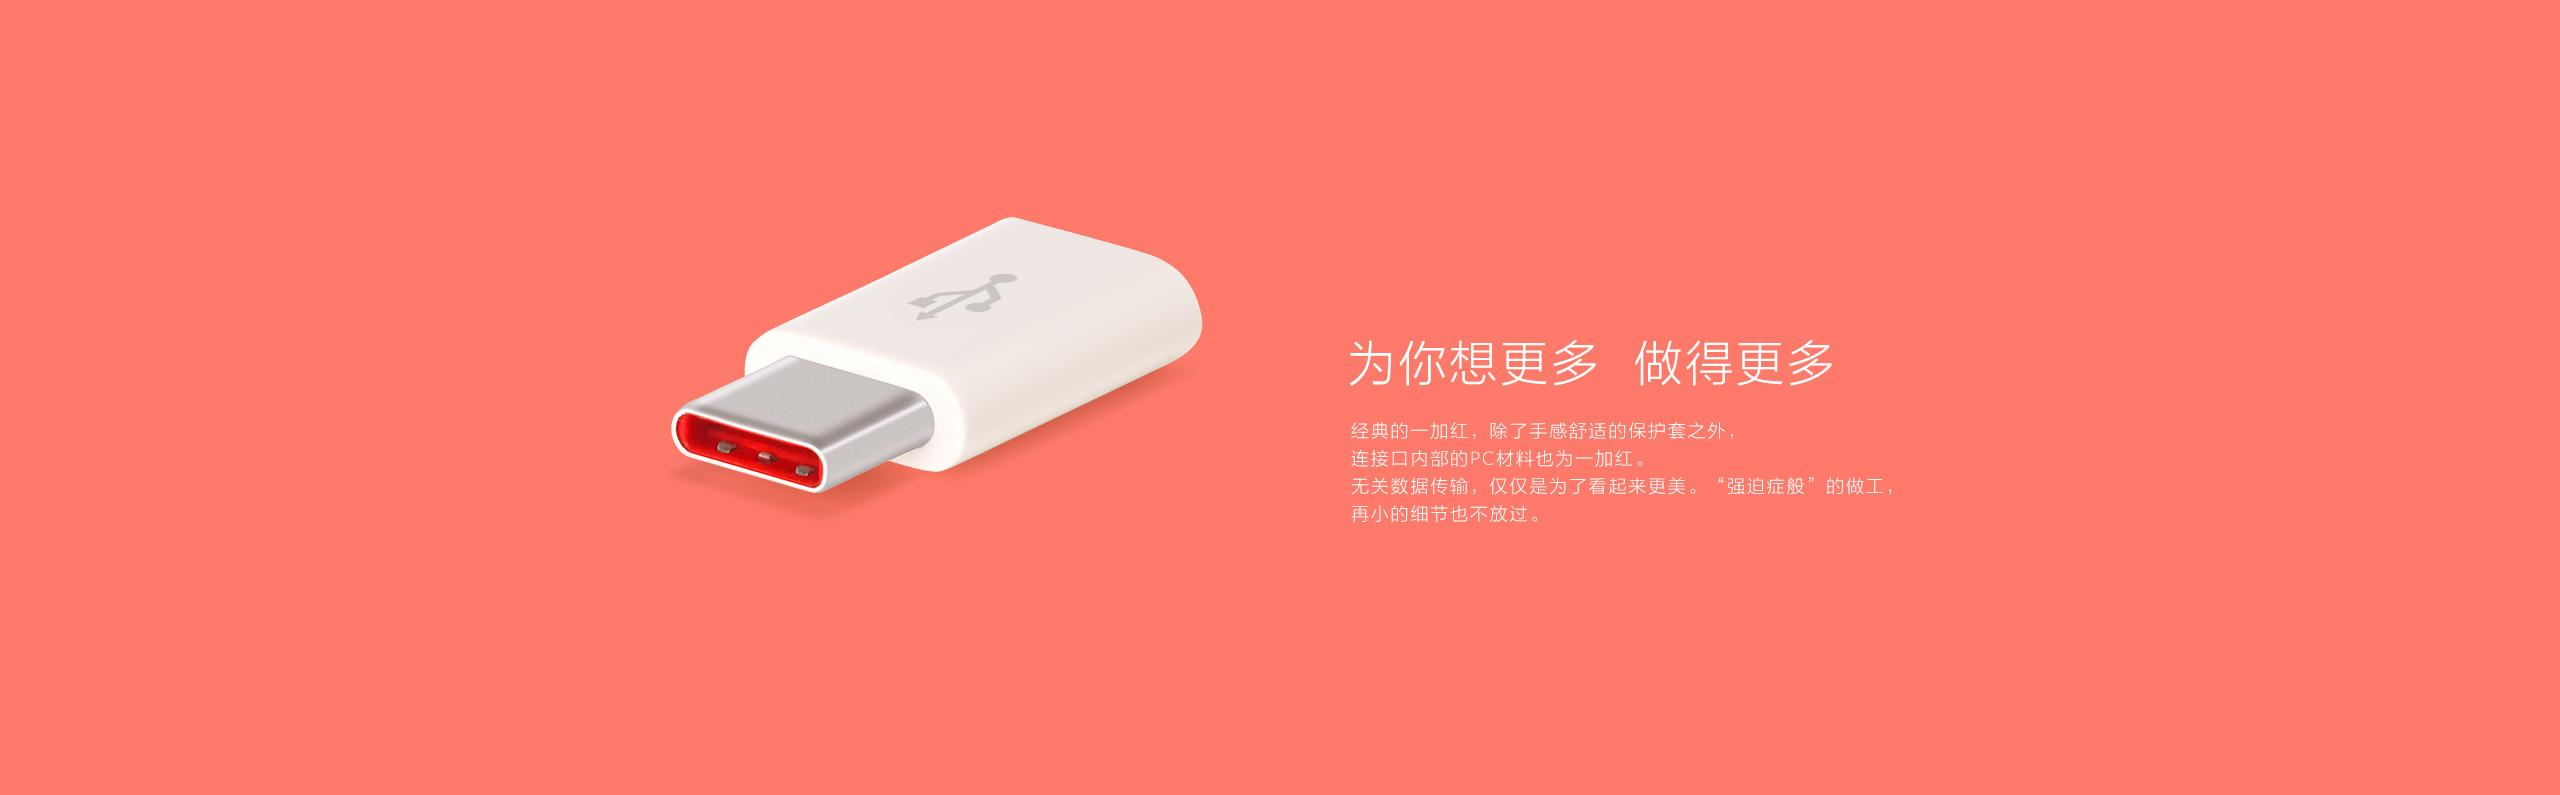 一加手机2 USB Type-C转接头11